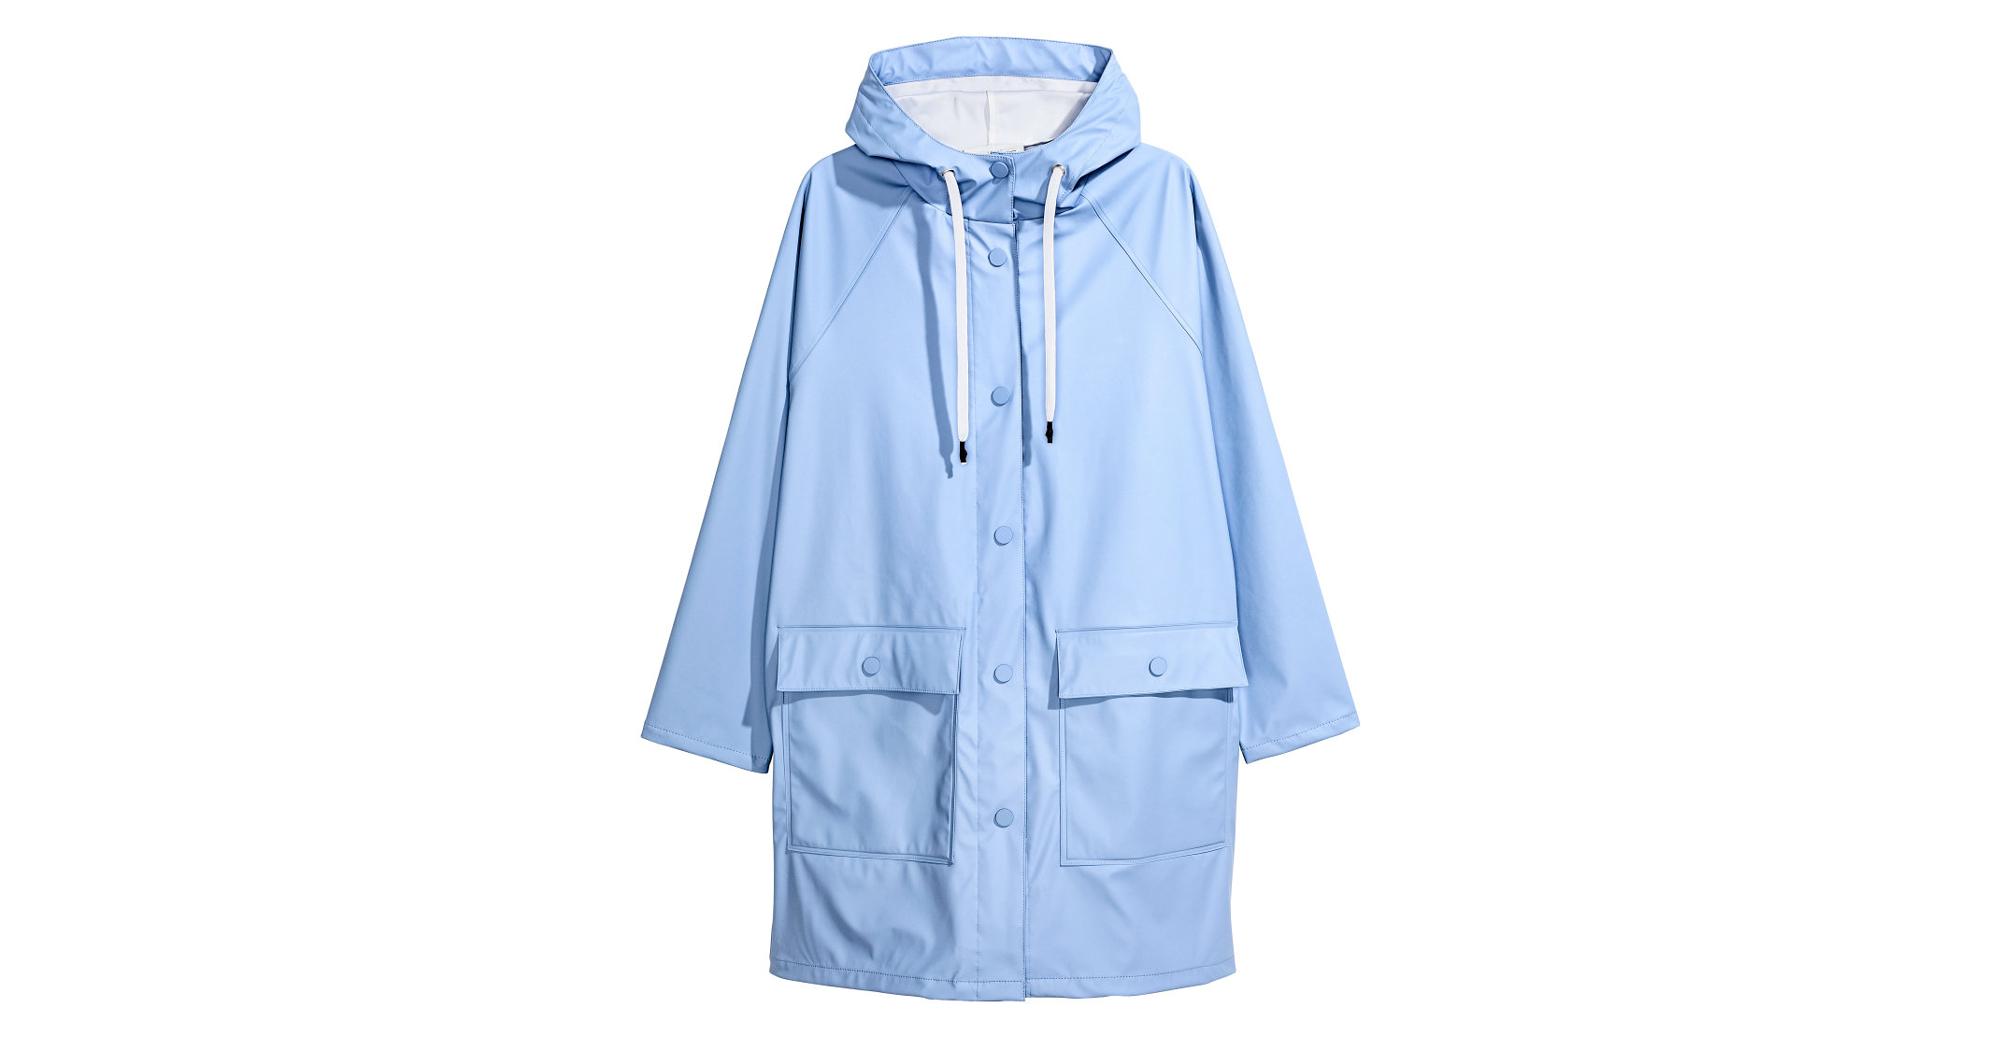 84f95a87c Best Raincoats - Trendy Waterproof Jackets